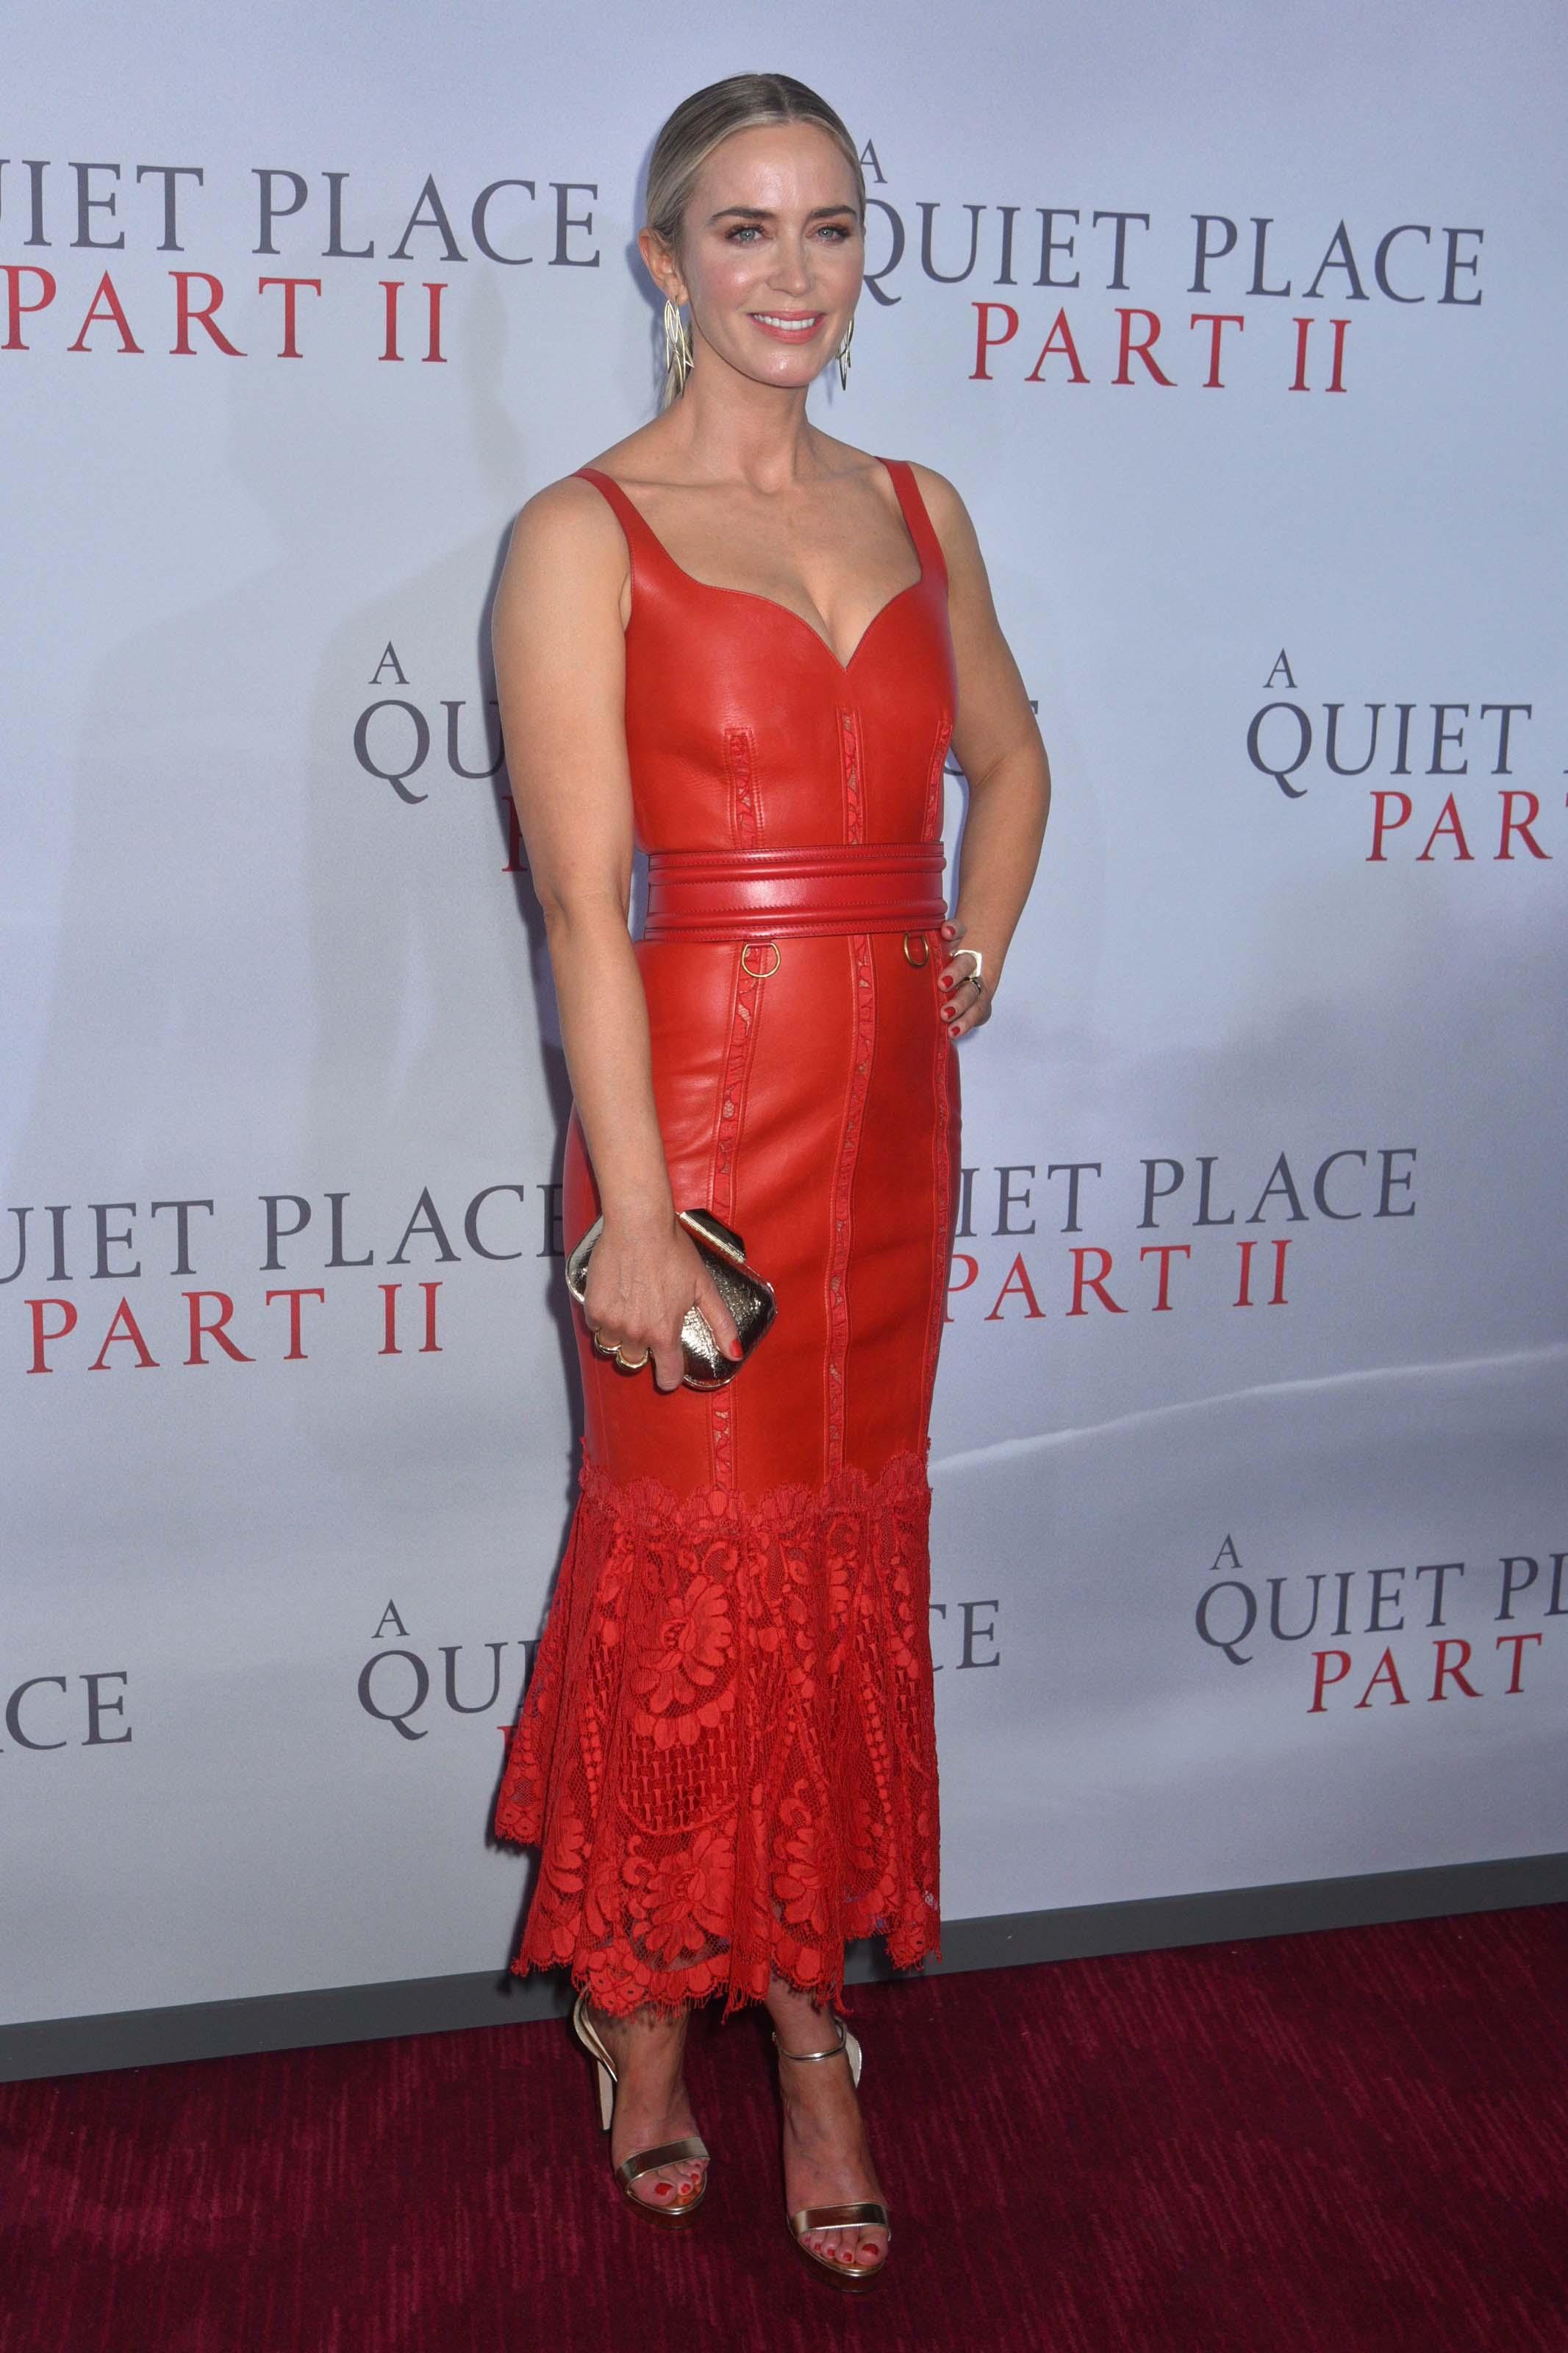 Emily Blunt attends A Quiet Place Part II premiere